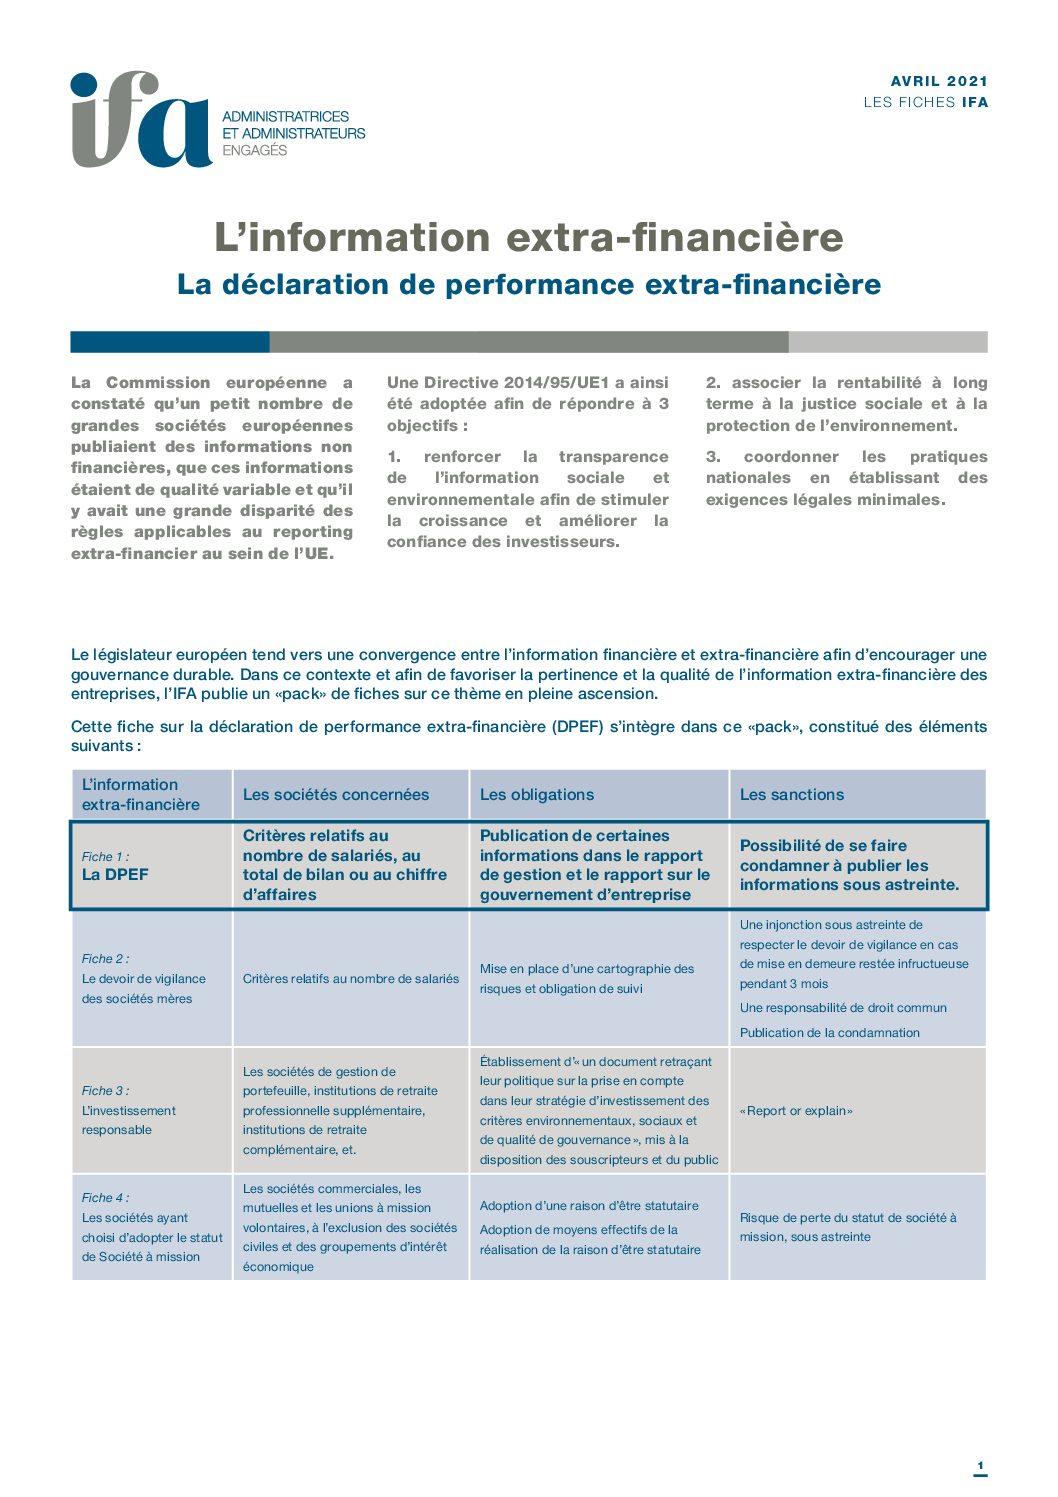 Nouvelle fiche IFA : La déclaration de performance extra-financière